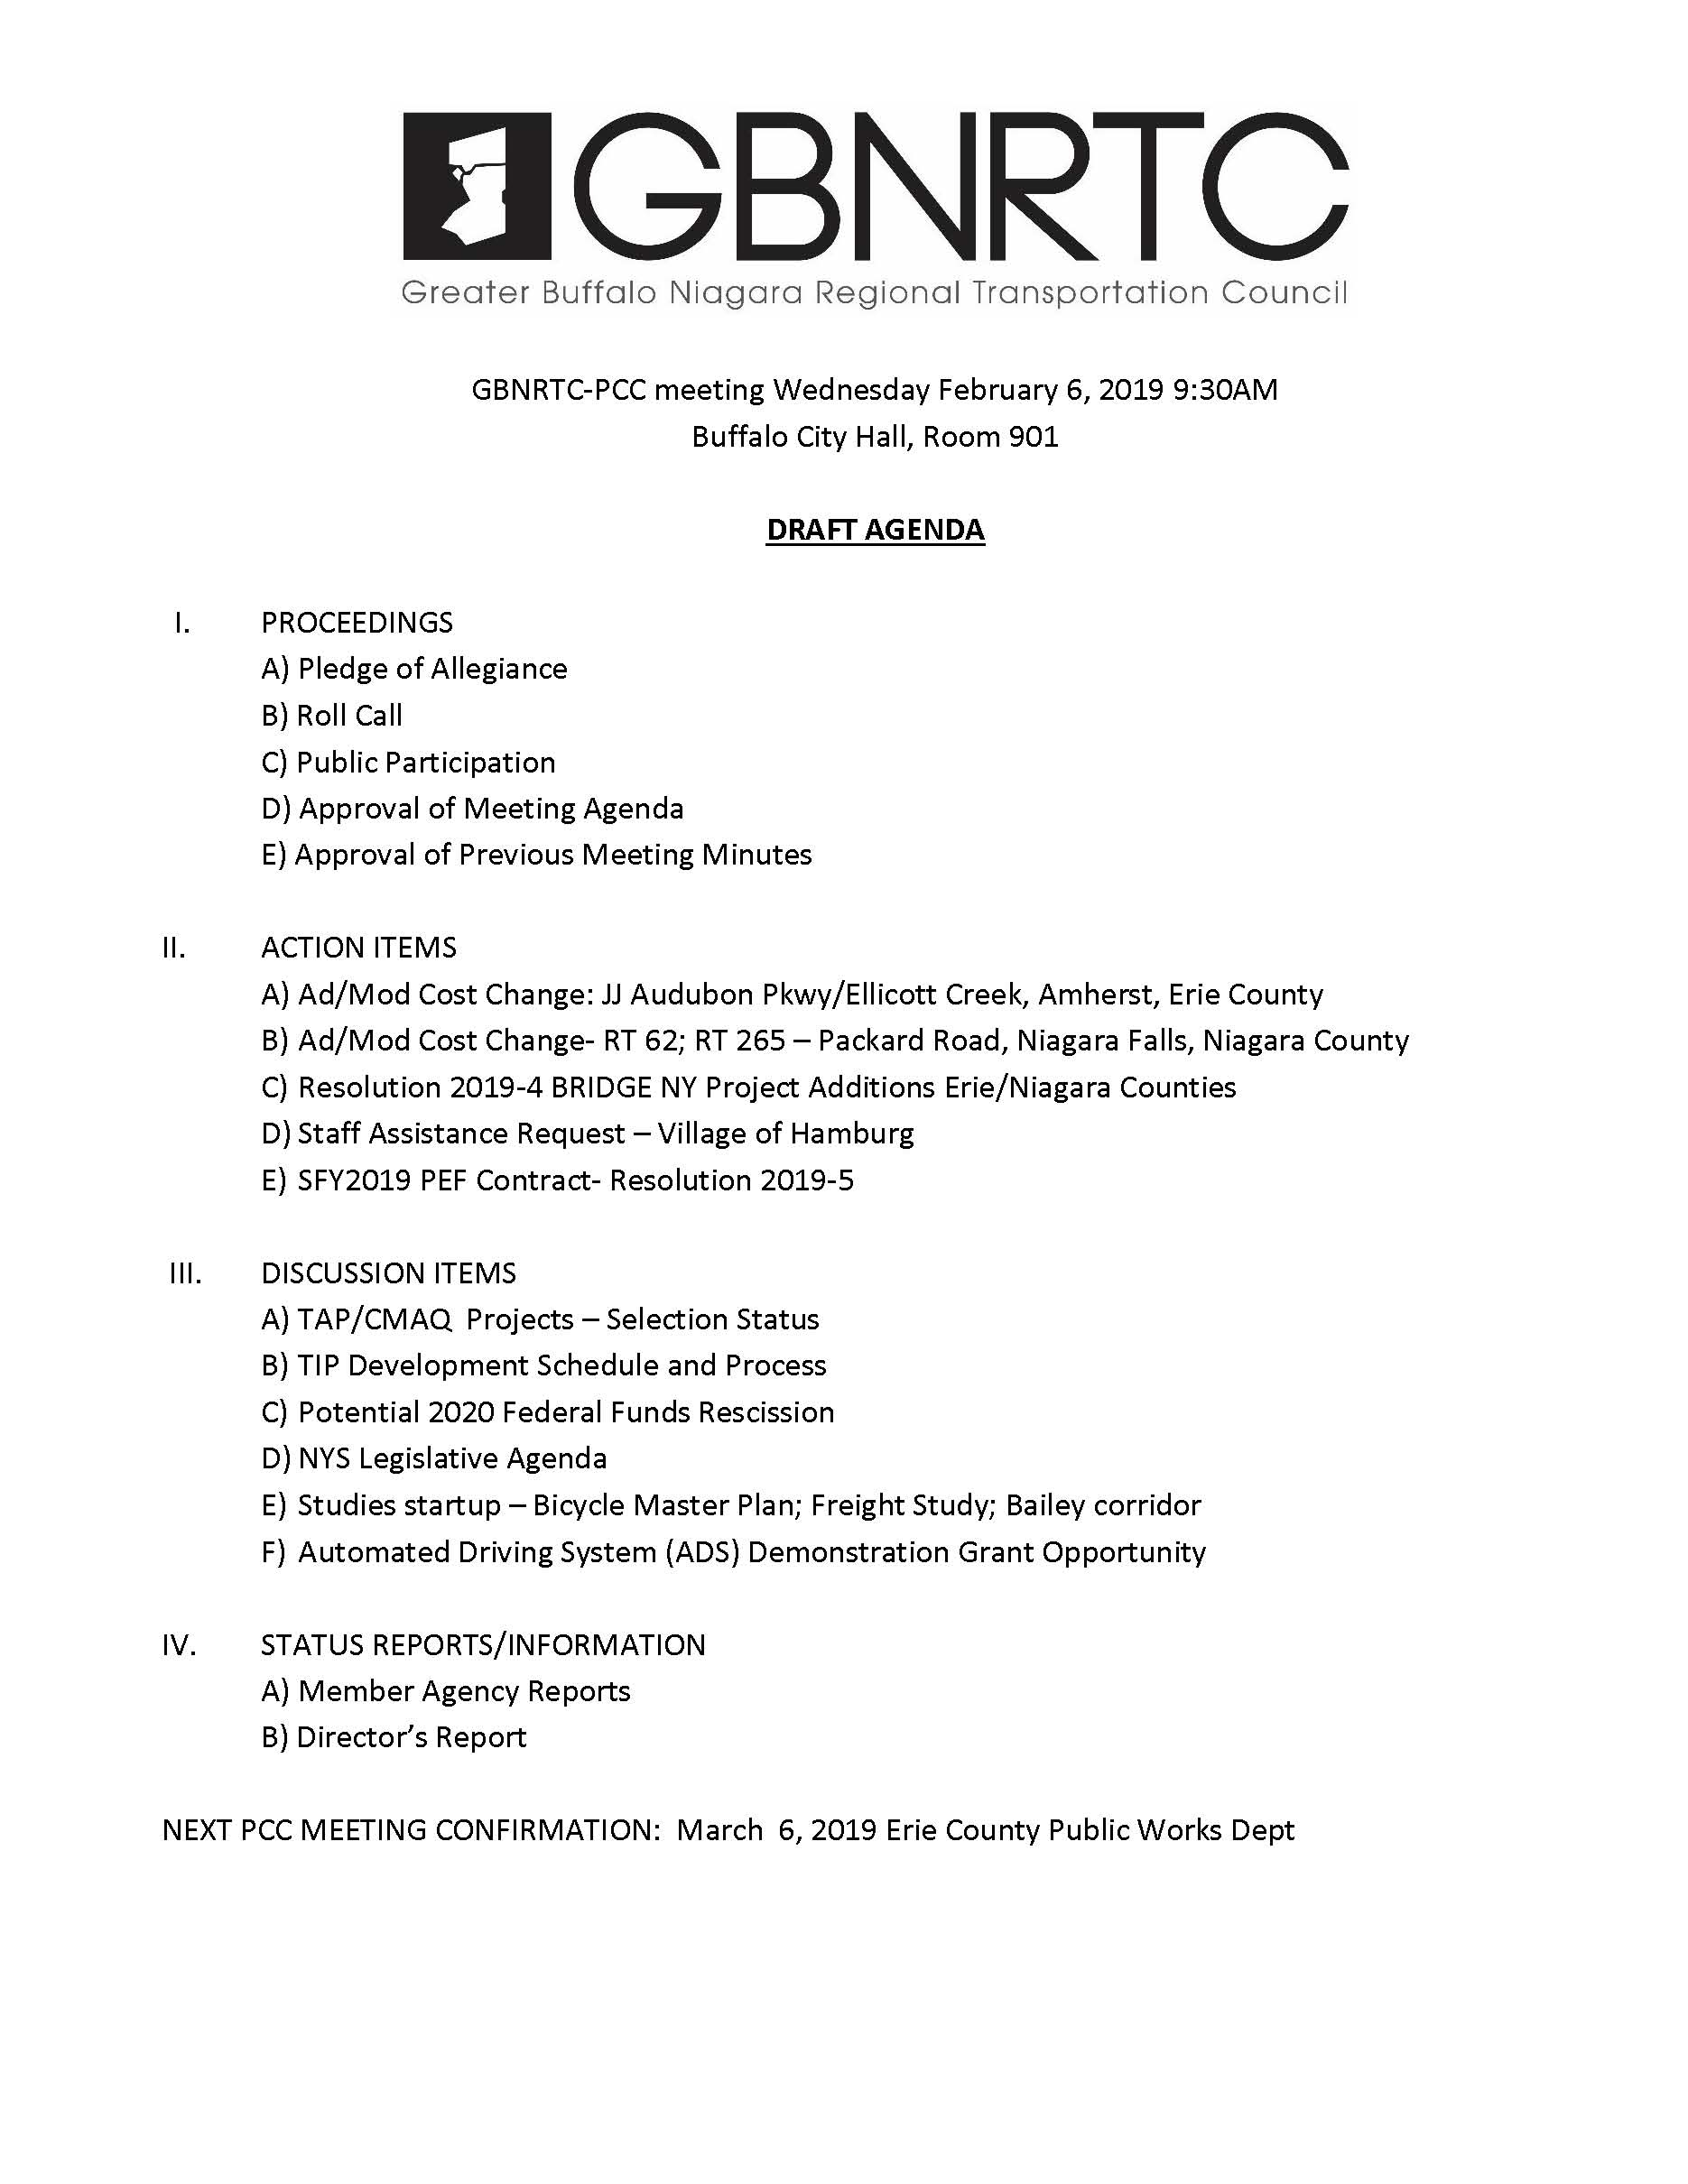 PCC Agenda-2-6-2019